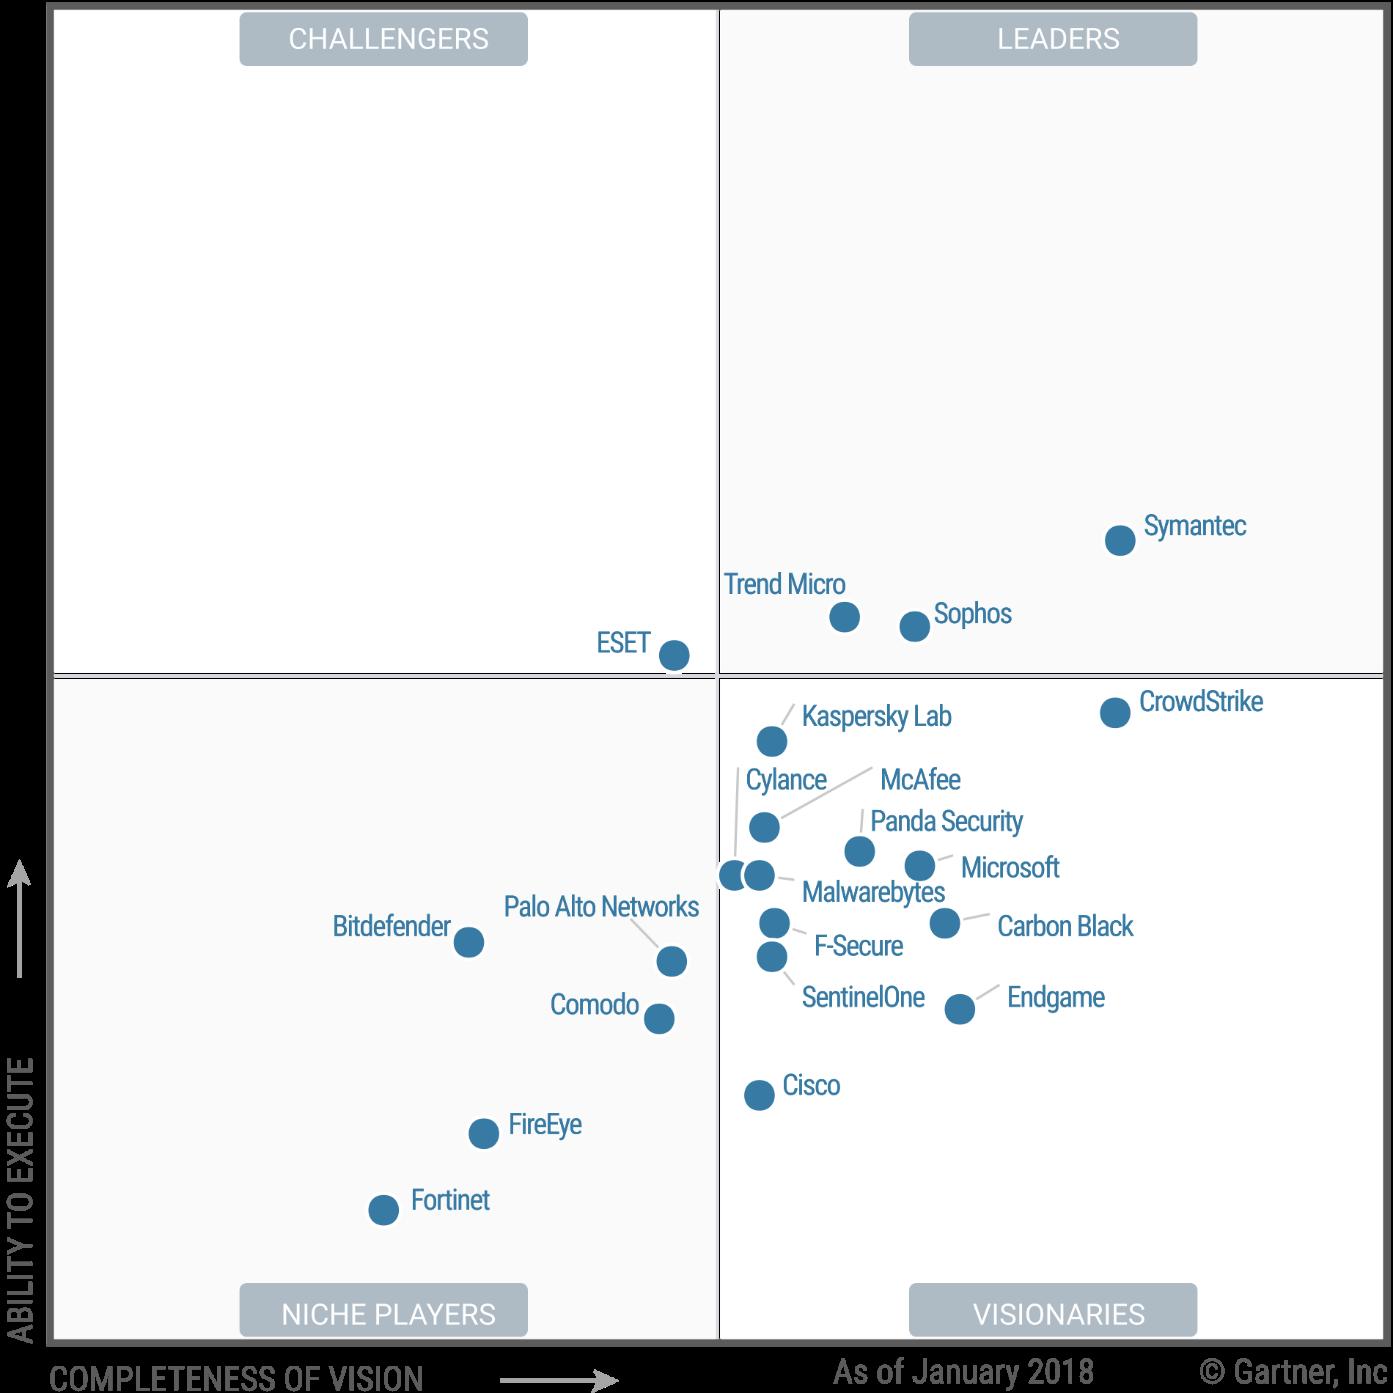 Microsoft visionnaire du Magic Quadrant 2018 sur les plateformes